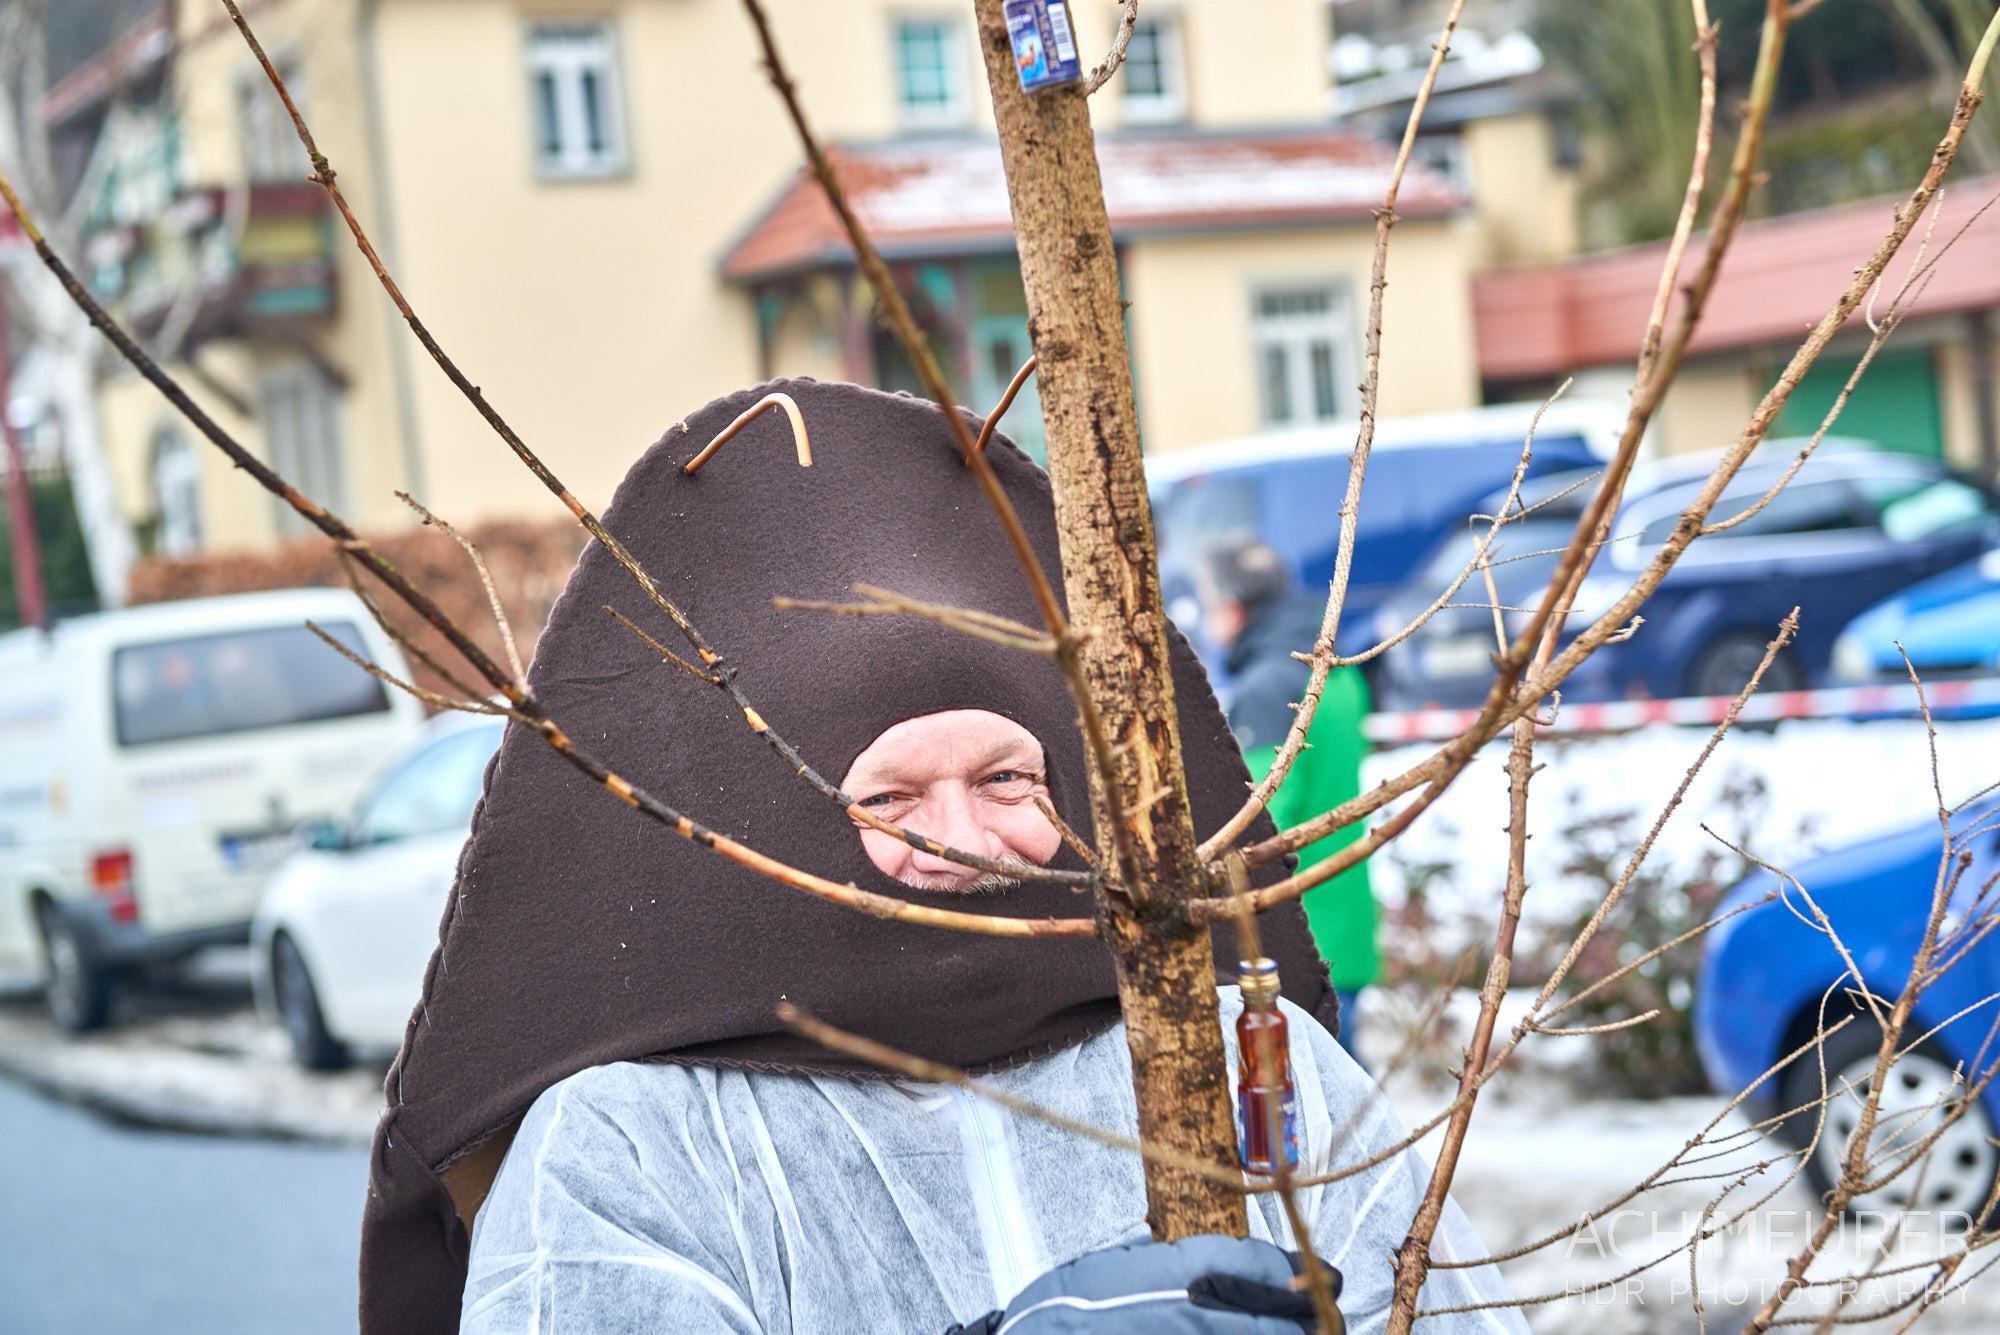 Schifferfastnacht-Postelwitz-Bad-Schandau-Saechsische-Schweiz-Sachsen_0043 by AchimMeurer.com .